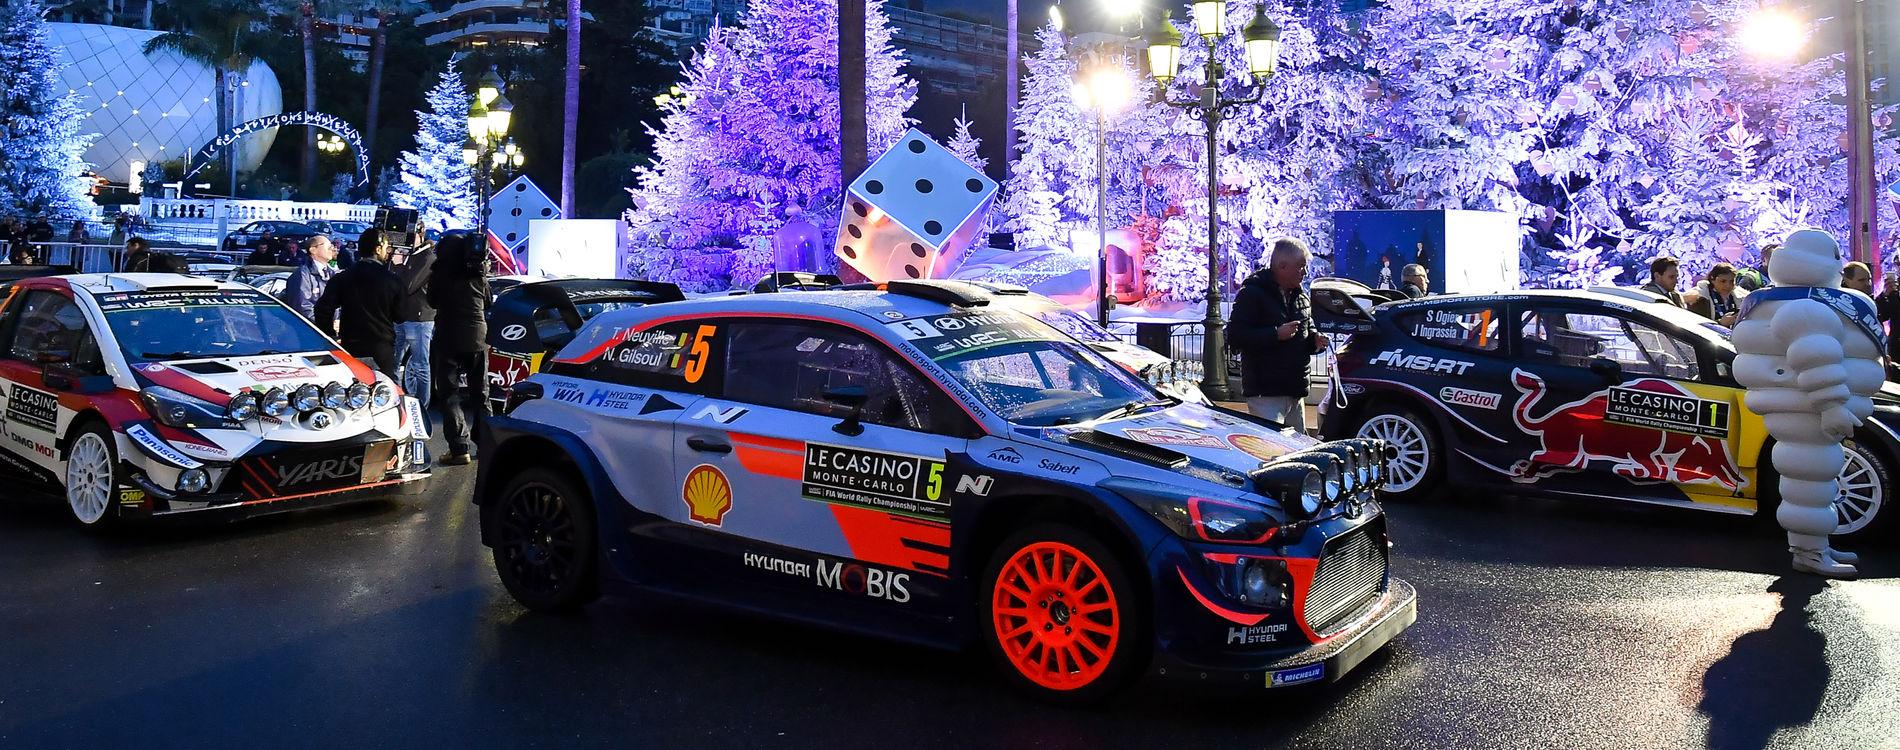 Monaco - Evènement - 86ème Rallye de Monte-Carlo 2018